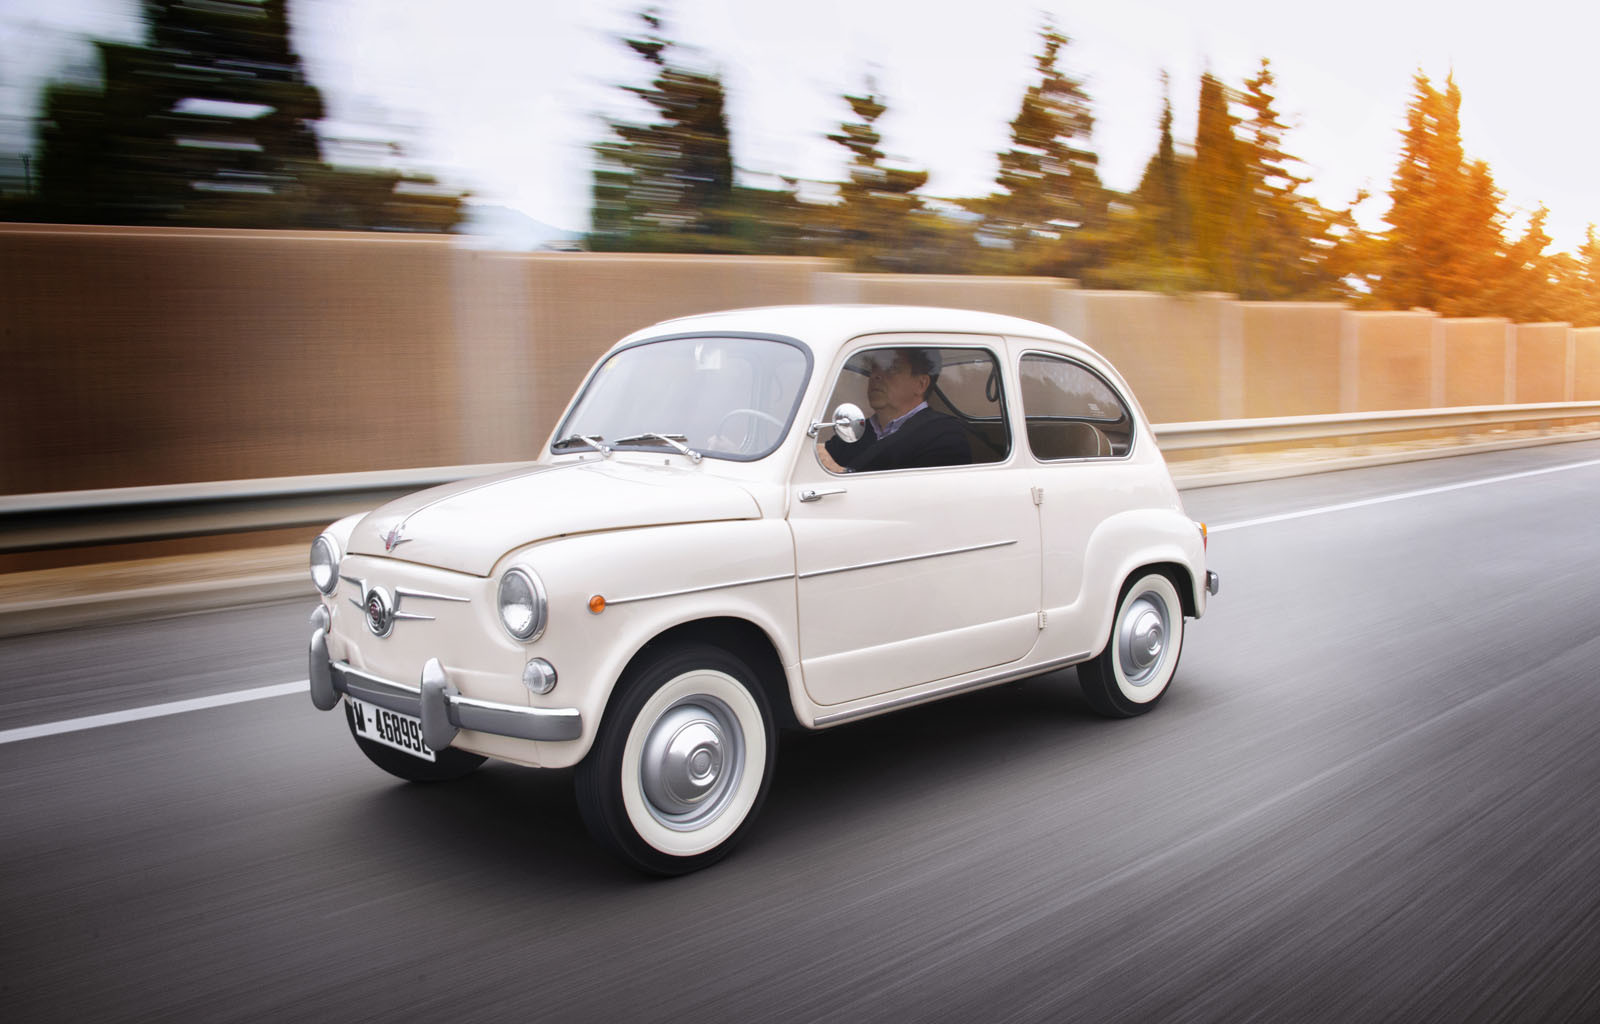 Foto de SEAT 600 (50 Aniversario) (20/64)